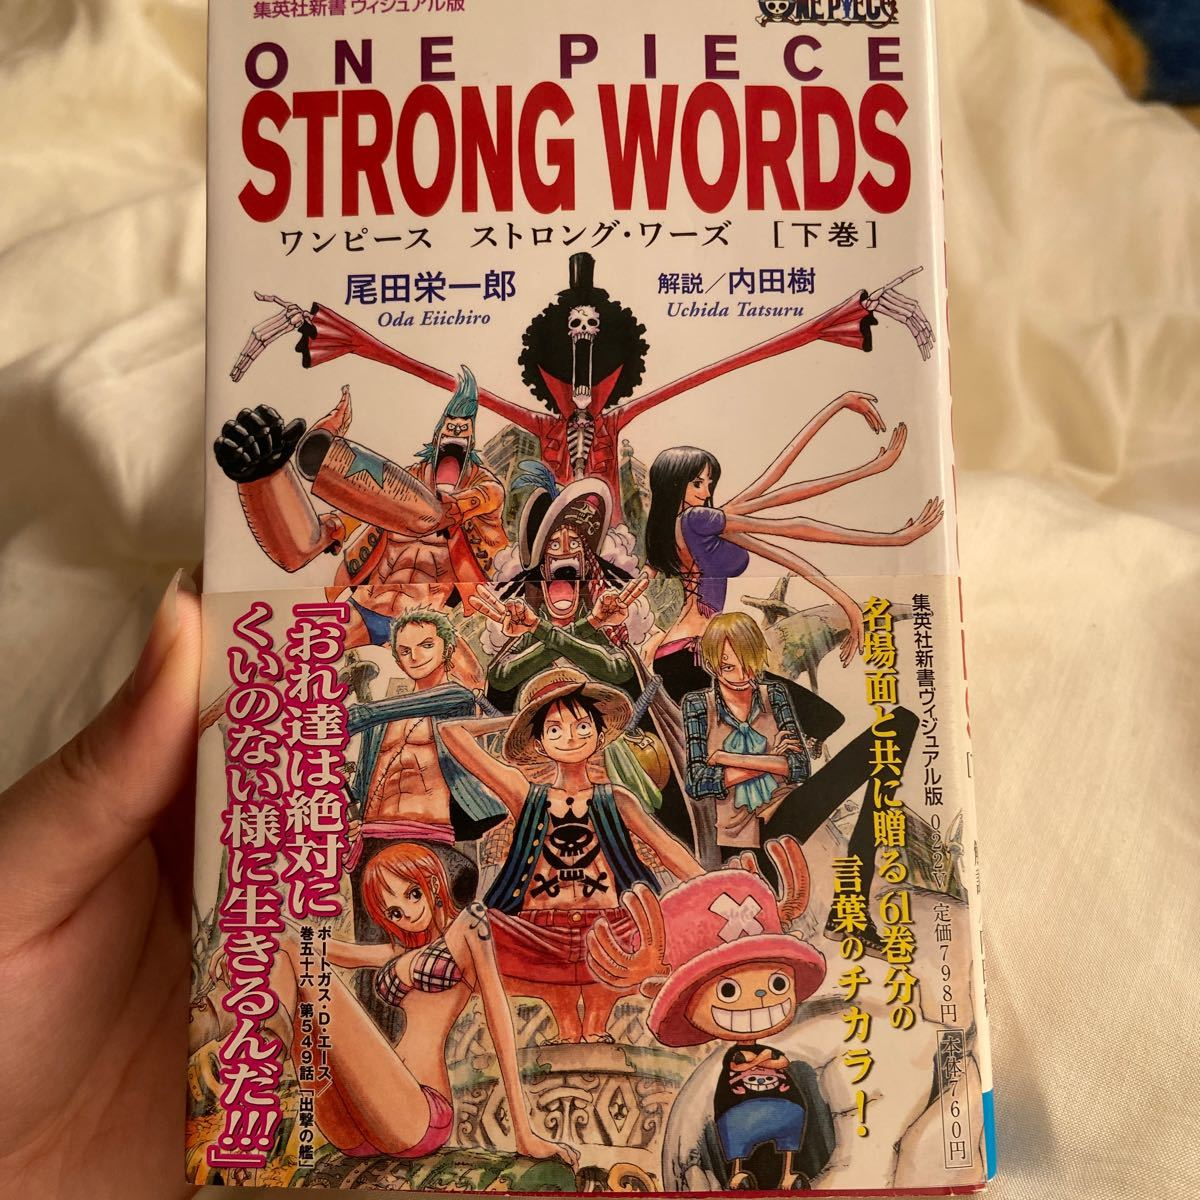 ワンピース ONE PIECE STRONG WORDS 上巻下巻 尾田栄一郎